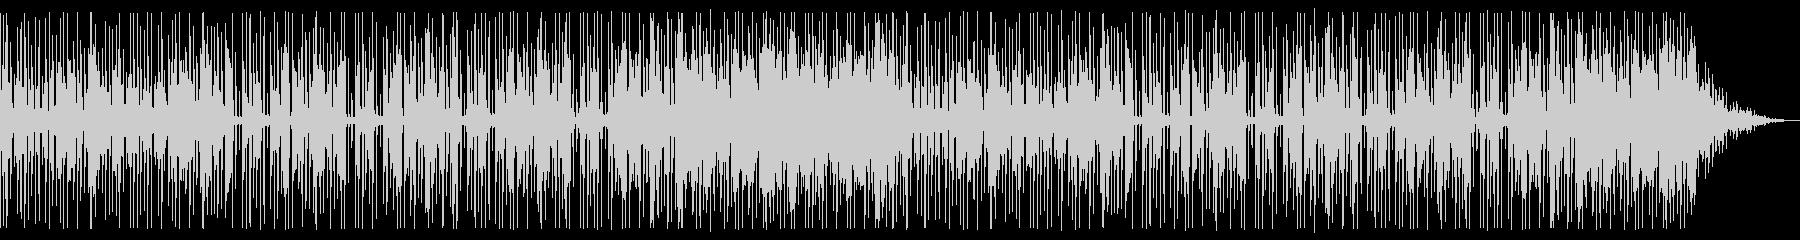 ミニマムなローファイビート楽曲の未再生の波形